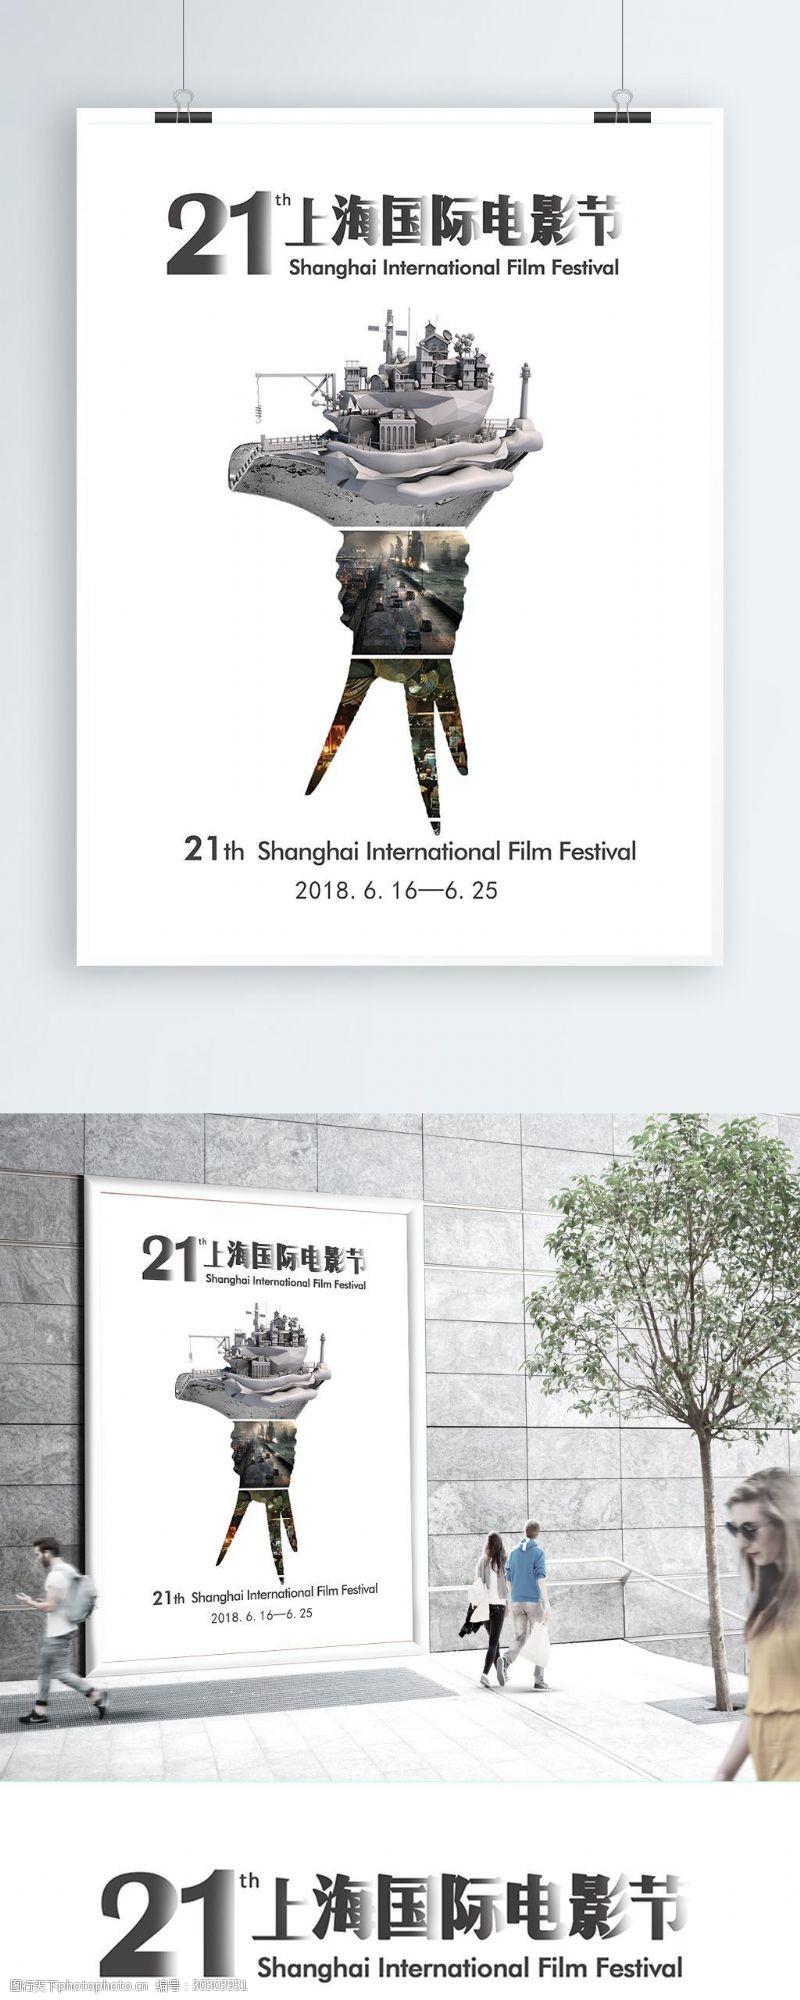 上海电影节21届上海国际电影节主题海报